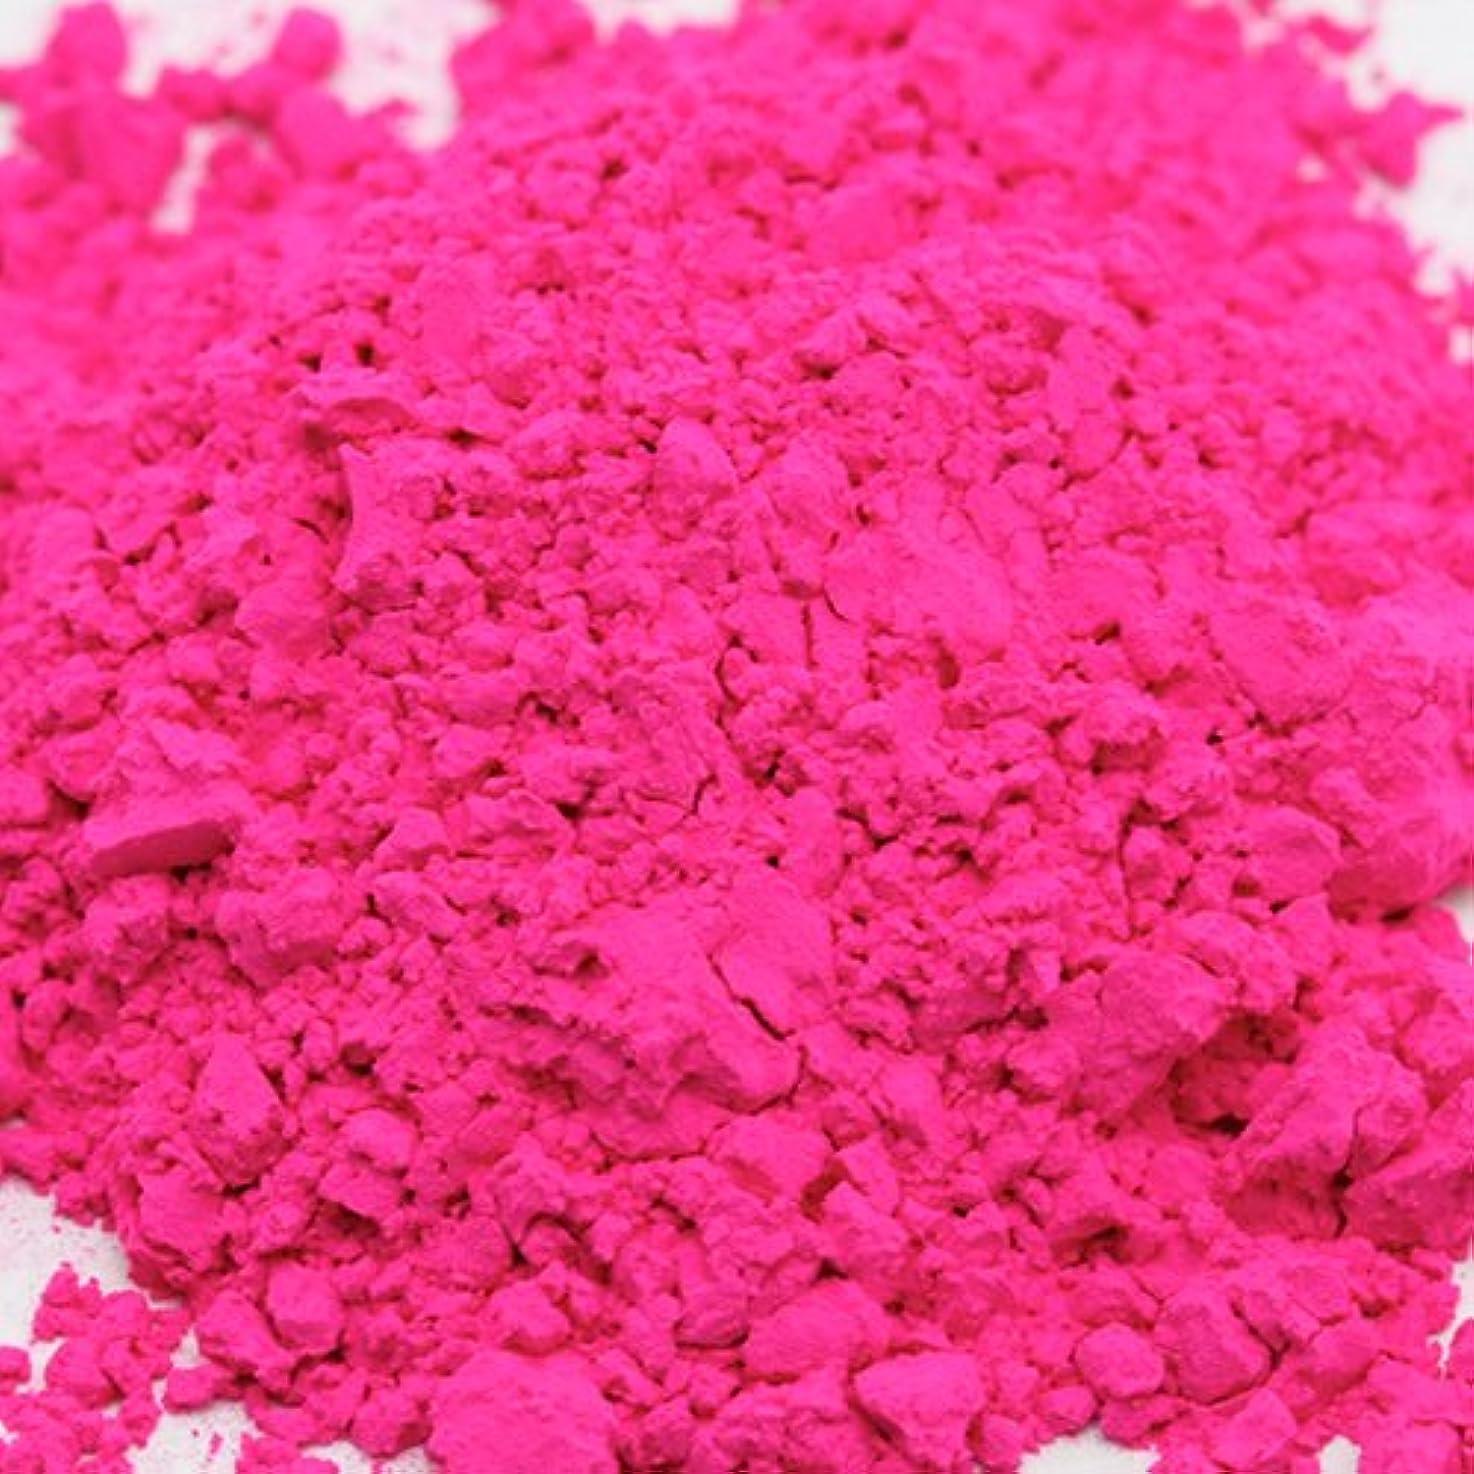 有名ジョージエリオットいろいろキャンディカラー ピンク 5g 【手作り石鹸/手作りコスメ/色付け/カラーラント】